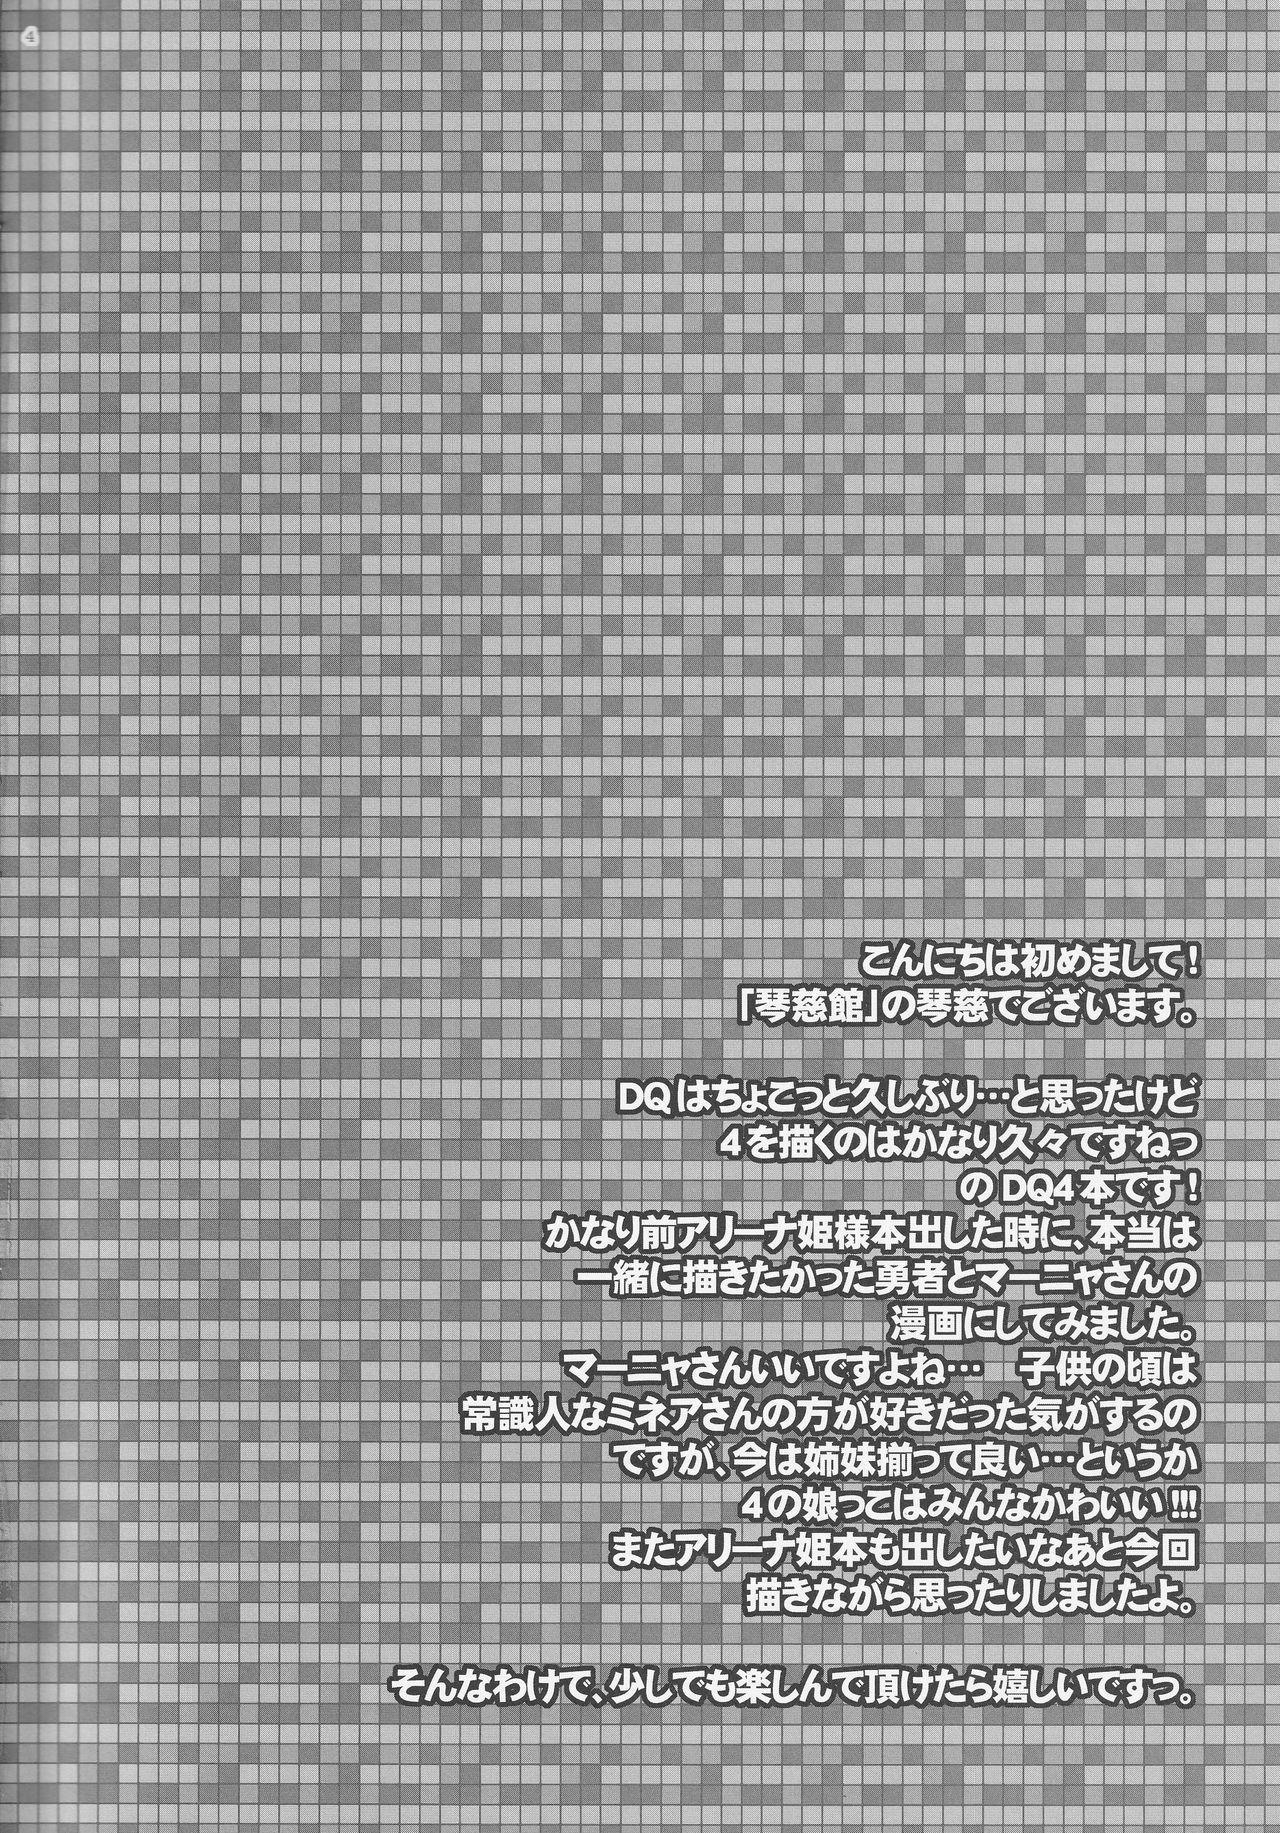 Tenkuu kara no Yuuwaku 2